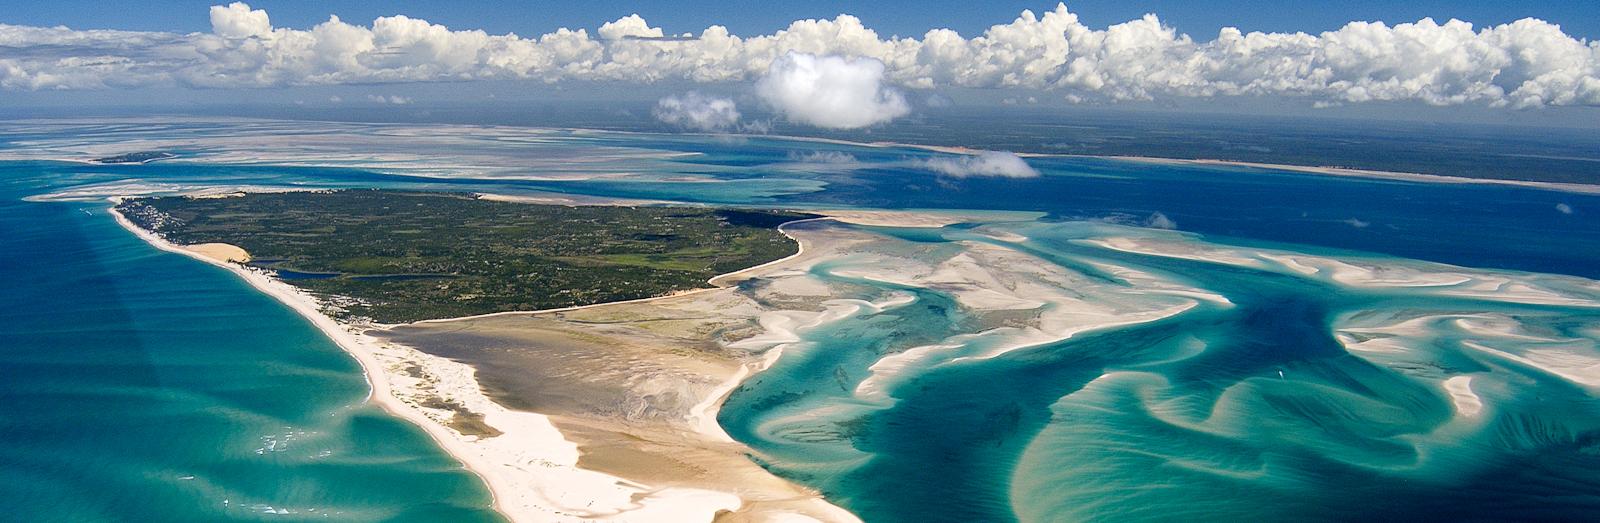 Île de Benguerra, Mozambique